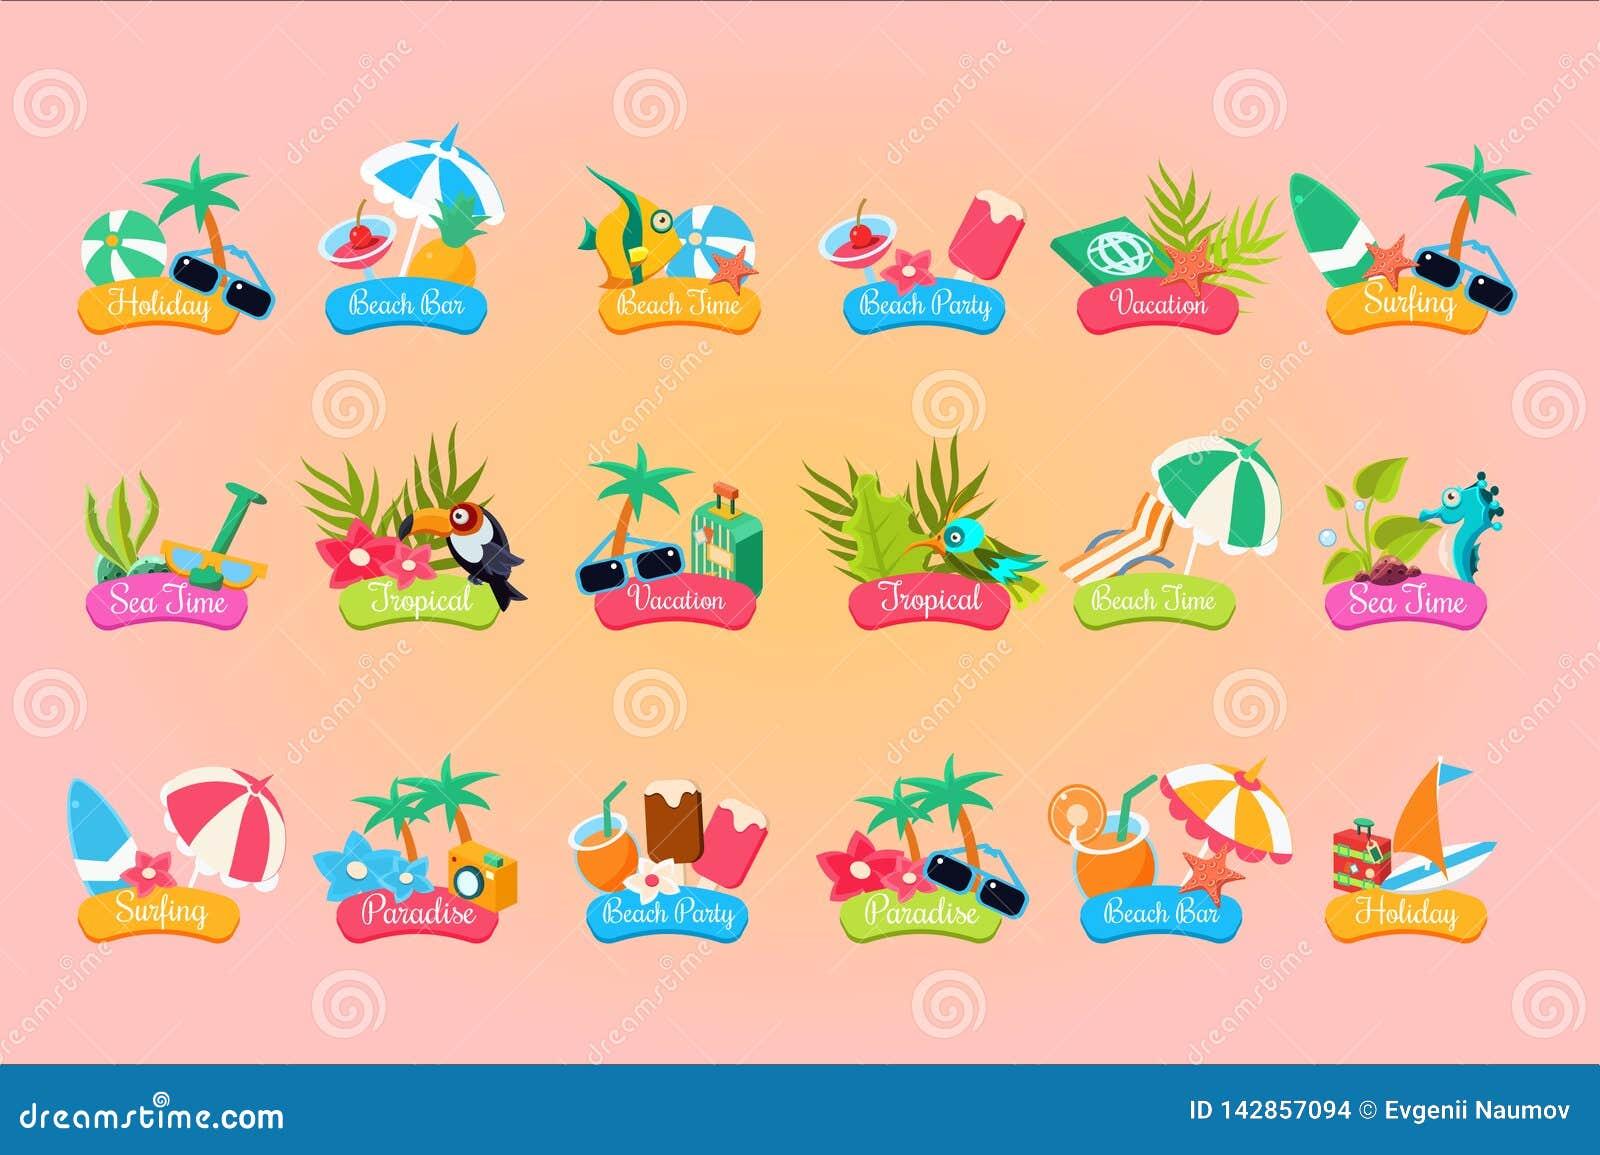 Lato podróży logo szablonu set, wakacje, raj, wakacje, plażowy czas przylepia etykietkę wektorowe ilustracje